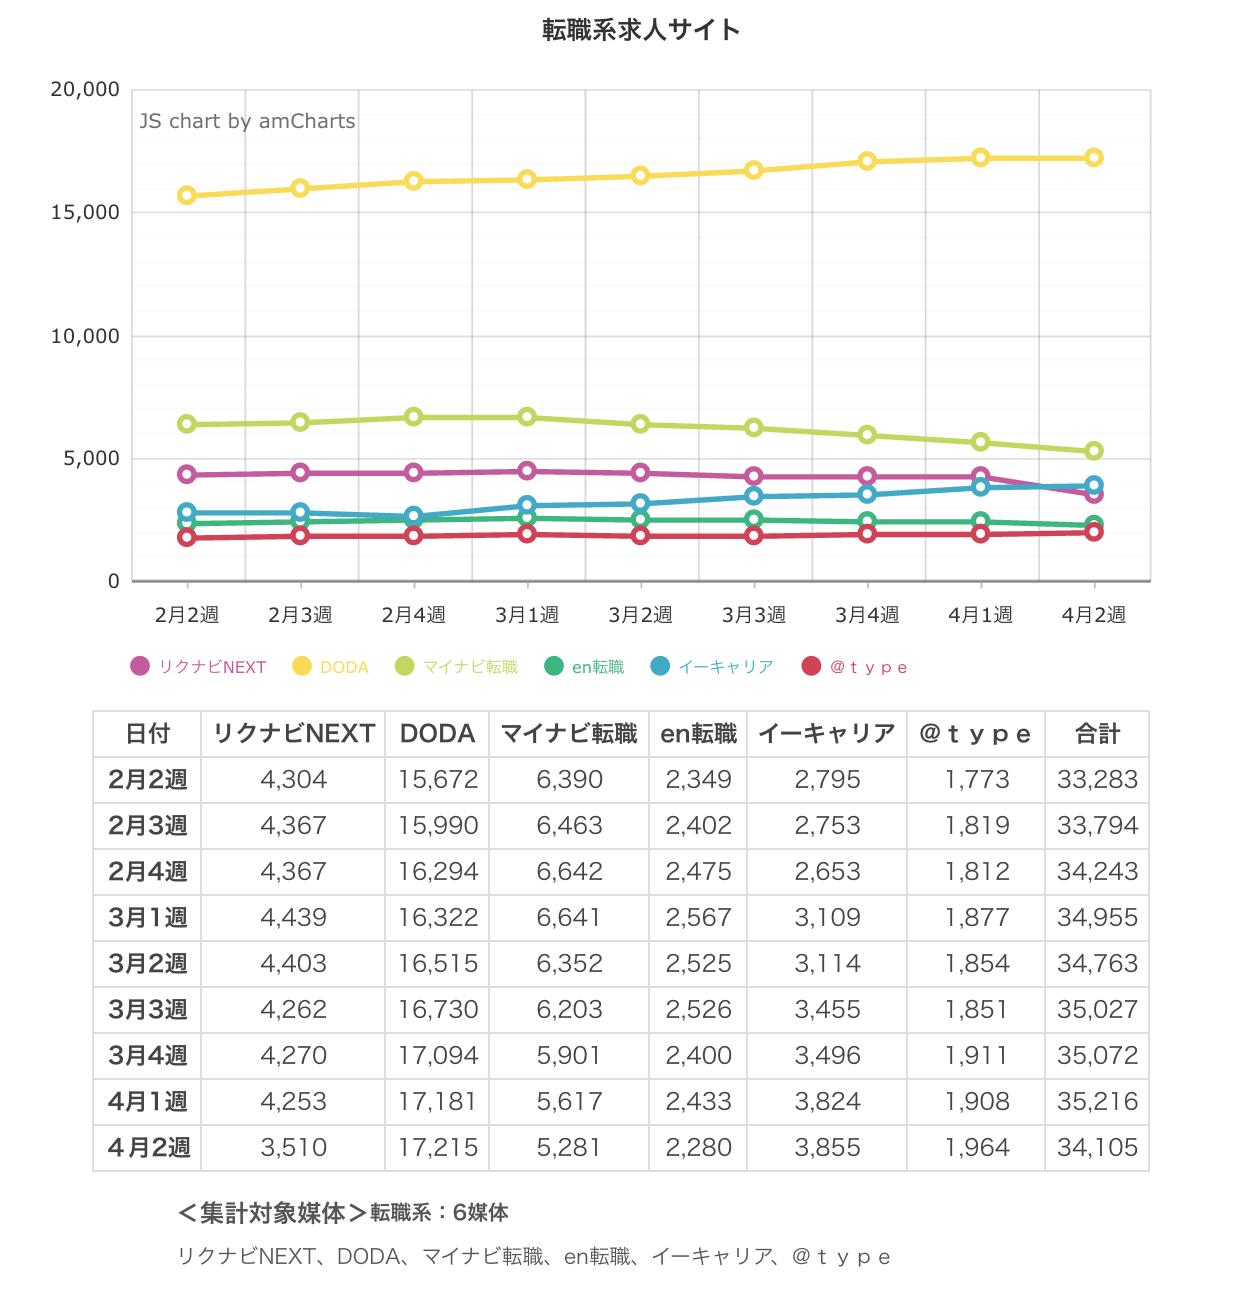 ウィークリー求人サイト掲載件数速報 2015年4月2週